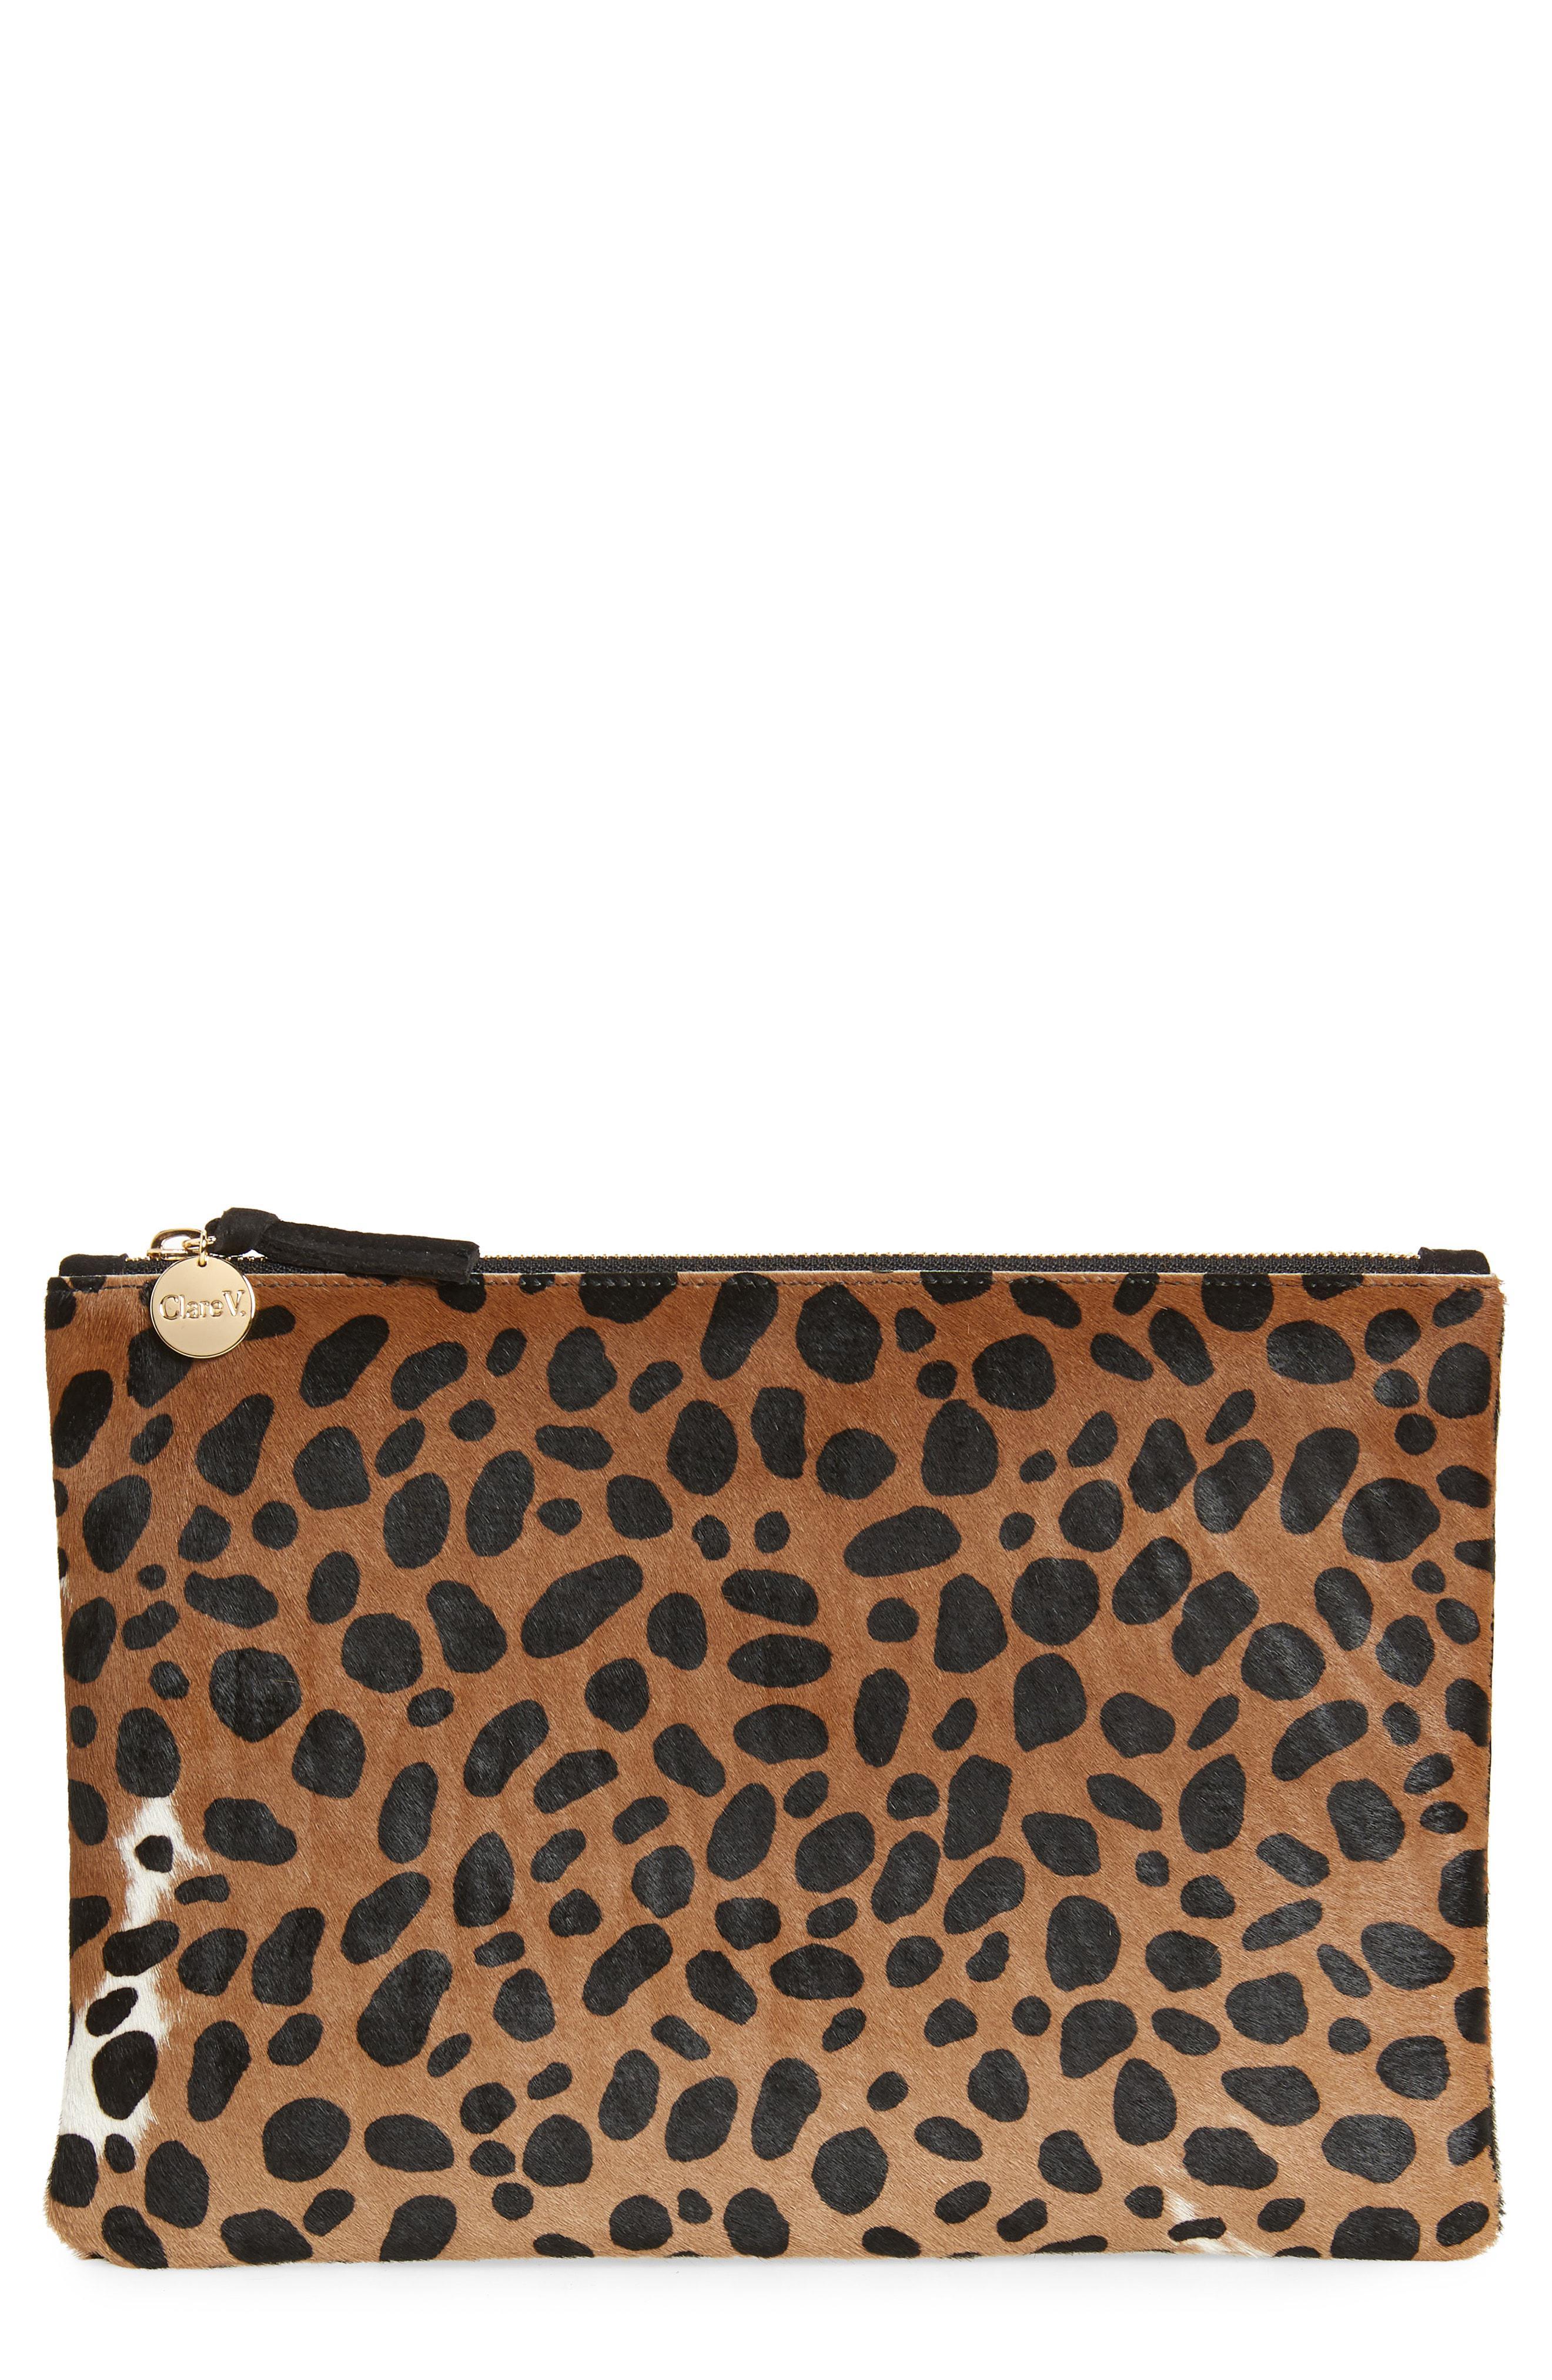 3d9d6e02a8a8 Lyst - Clare V. Leopard Print Genuine Calf Hair Clutch - in Brown ...